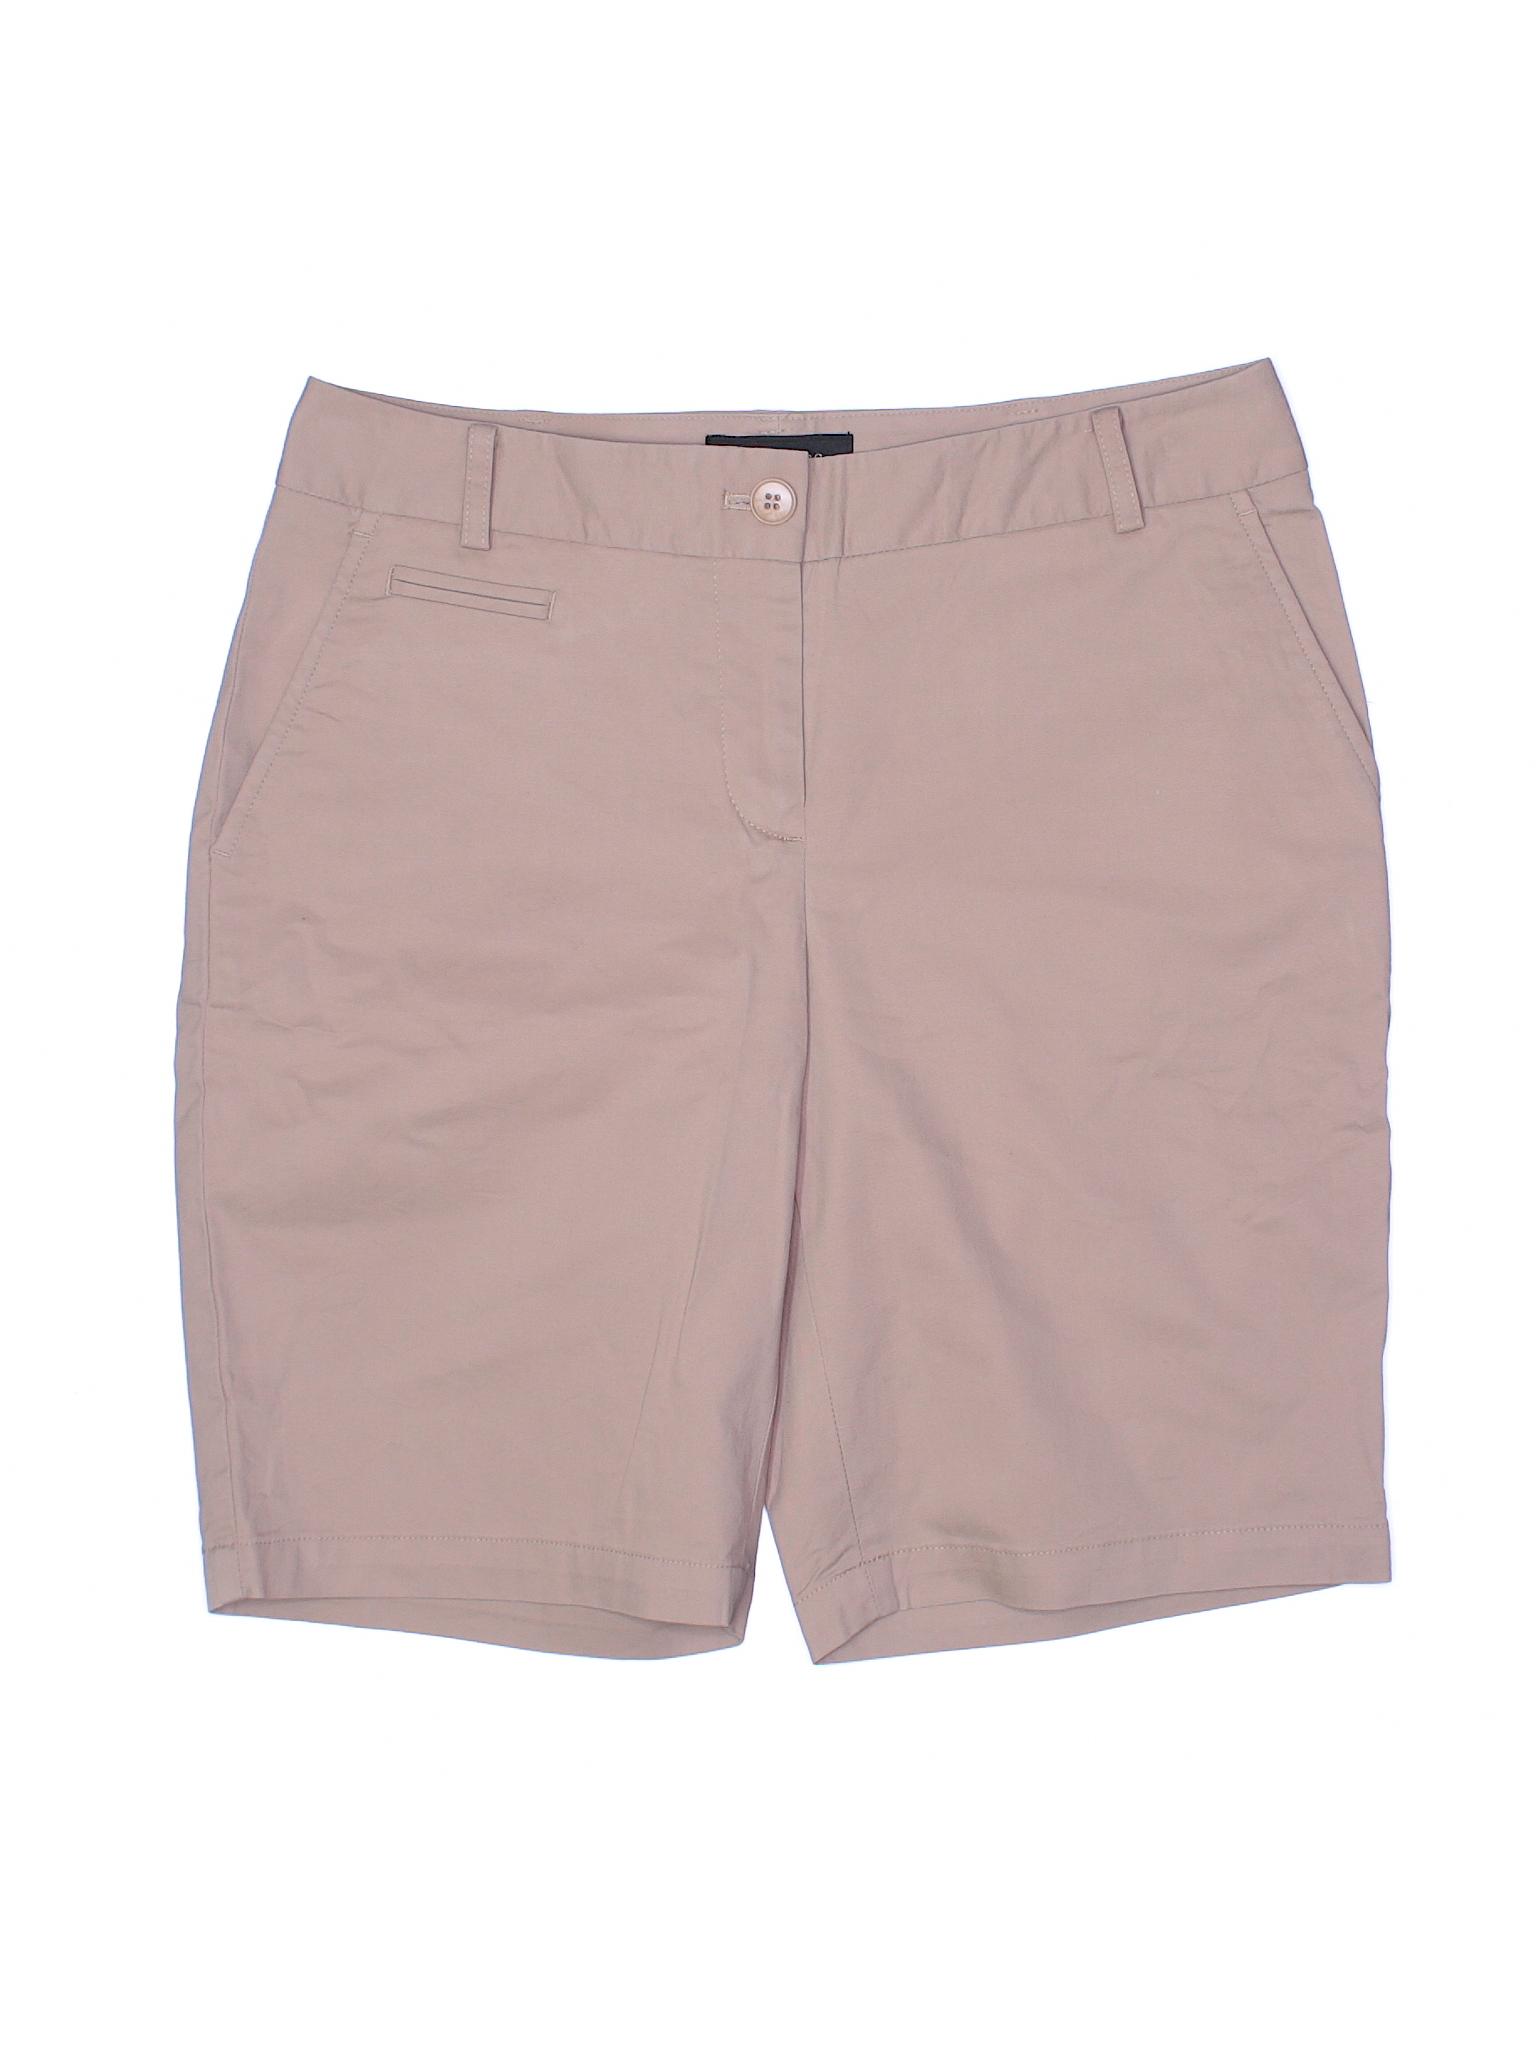 Khaki Talbots Khaki Shorts Boutique Boutique Khaki Boutique Shorts Shorts Talbots Talbots Boutique Khaki Talbots fqxdCpq